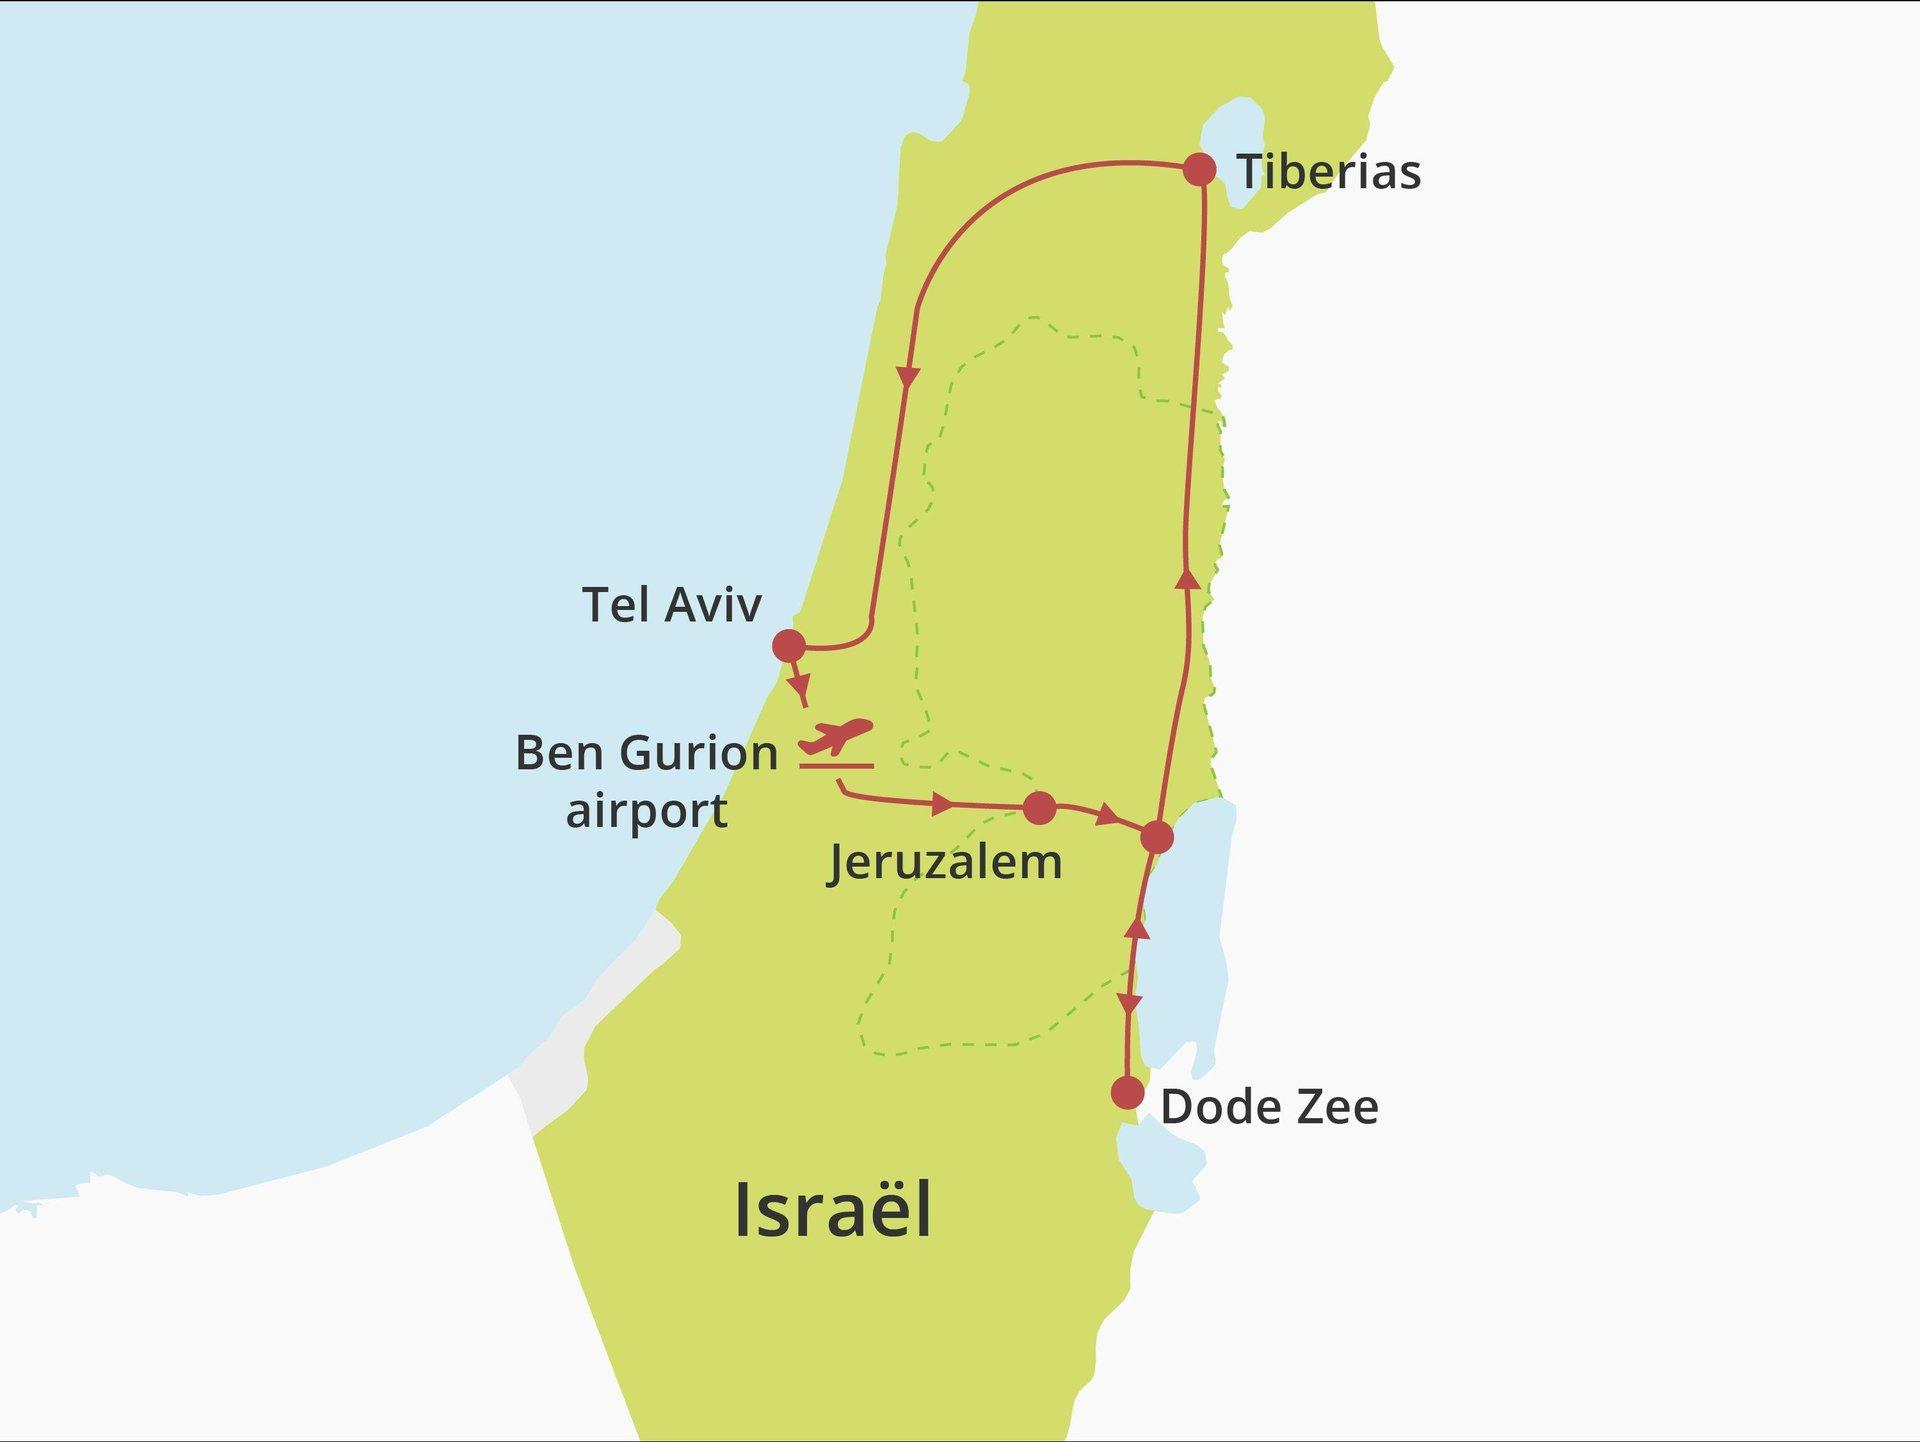 Kibboets fly-drive Jeruzalem-Dode Zee-Noord-Tel Aviv